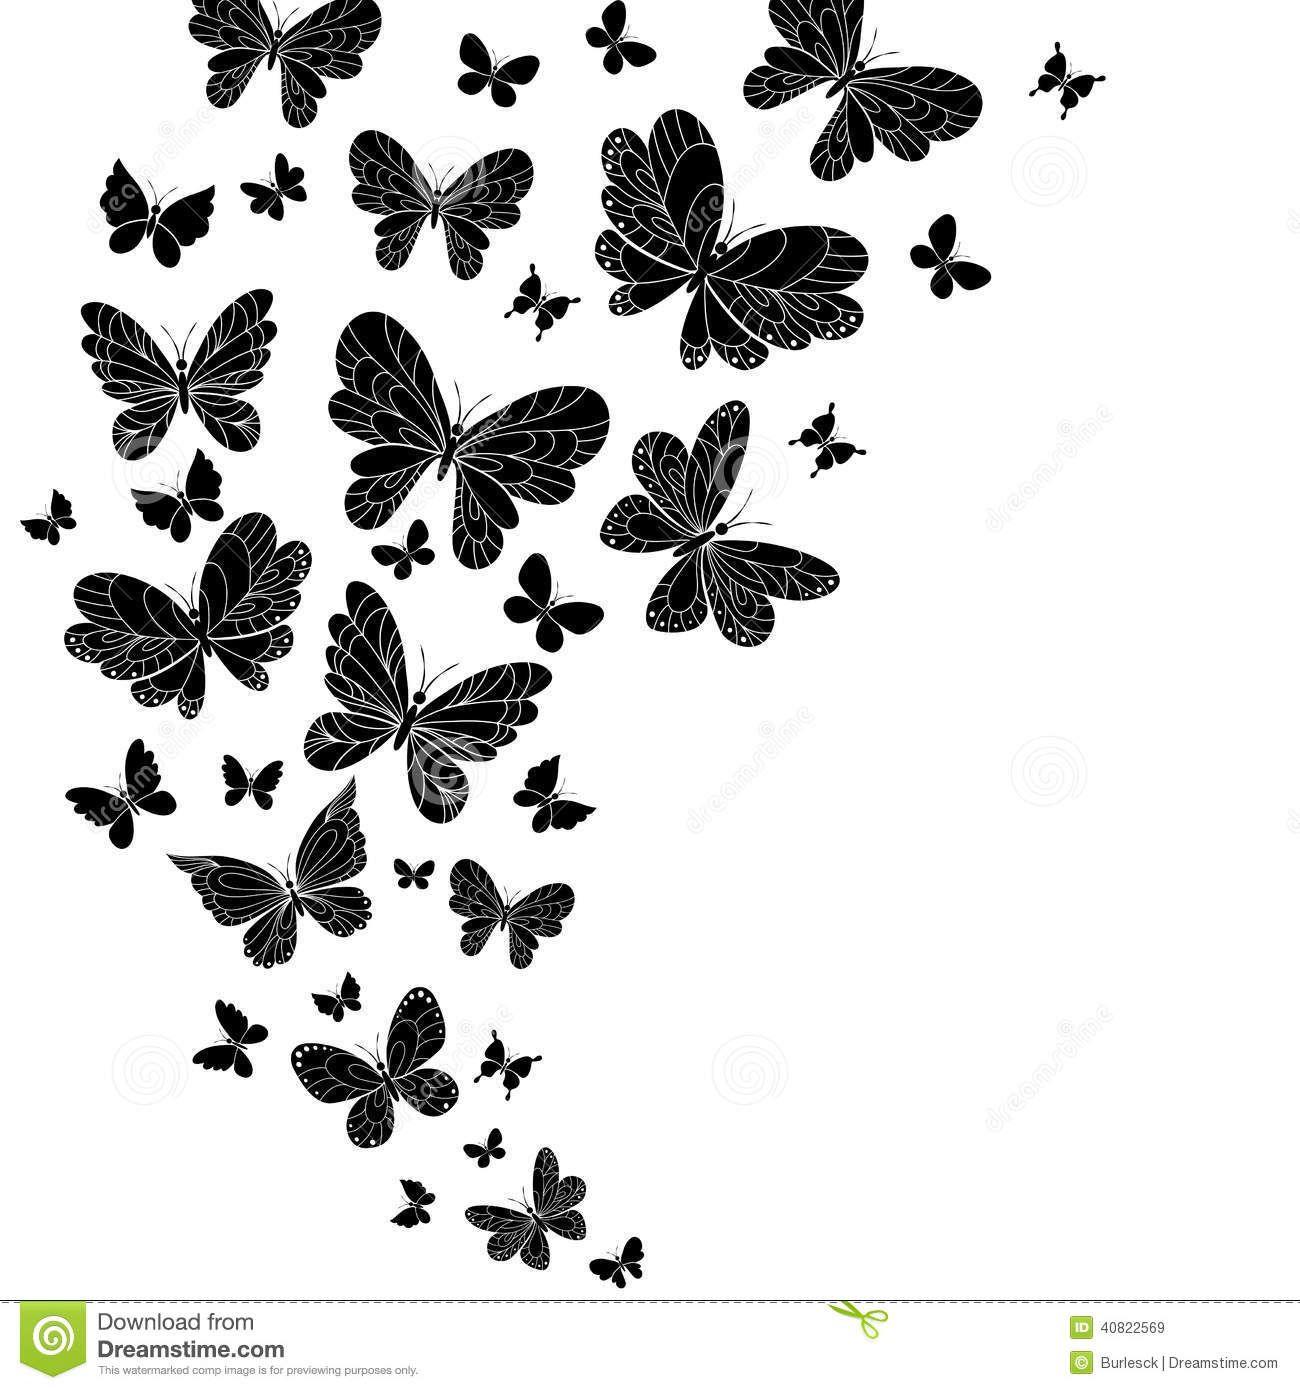 Butterflies flying silhouette